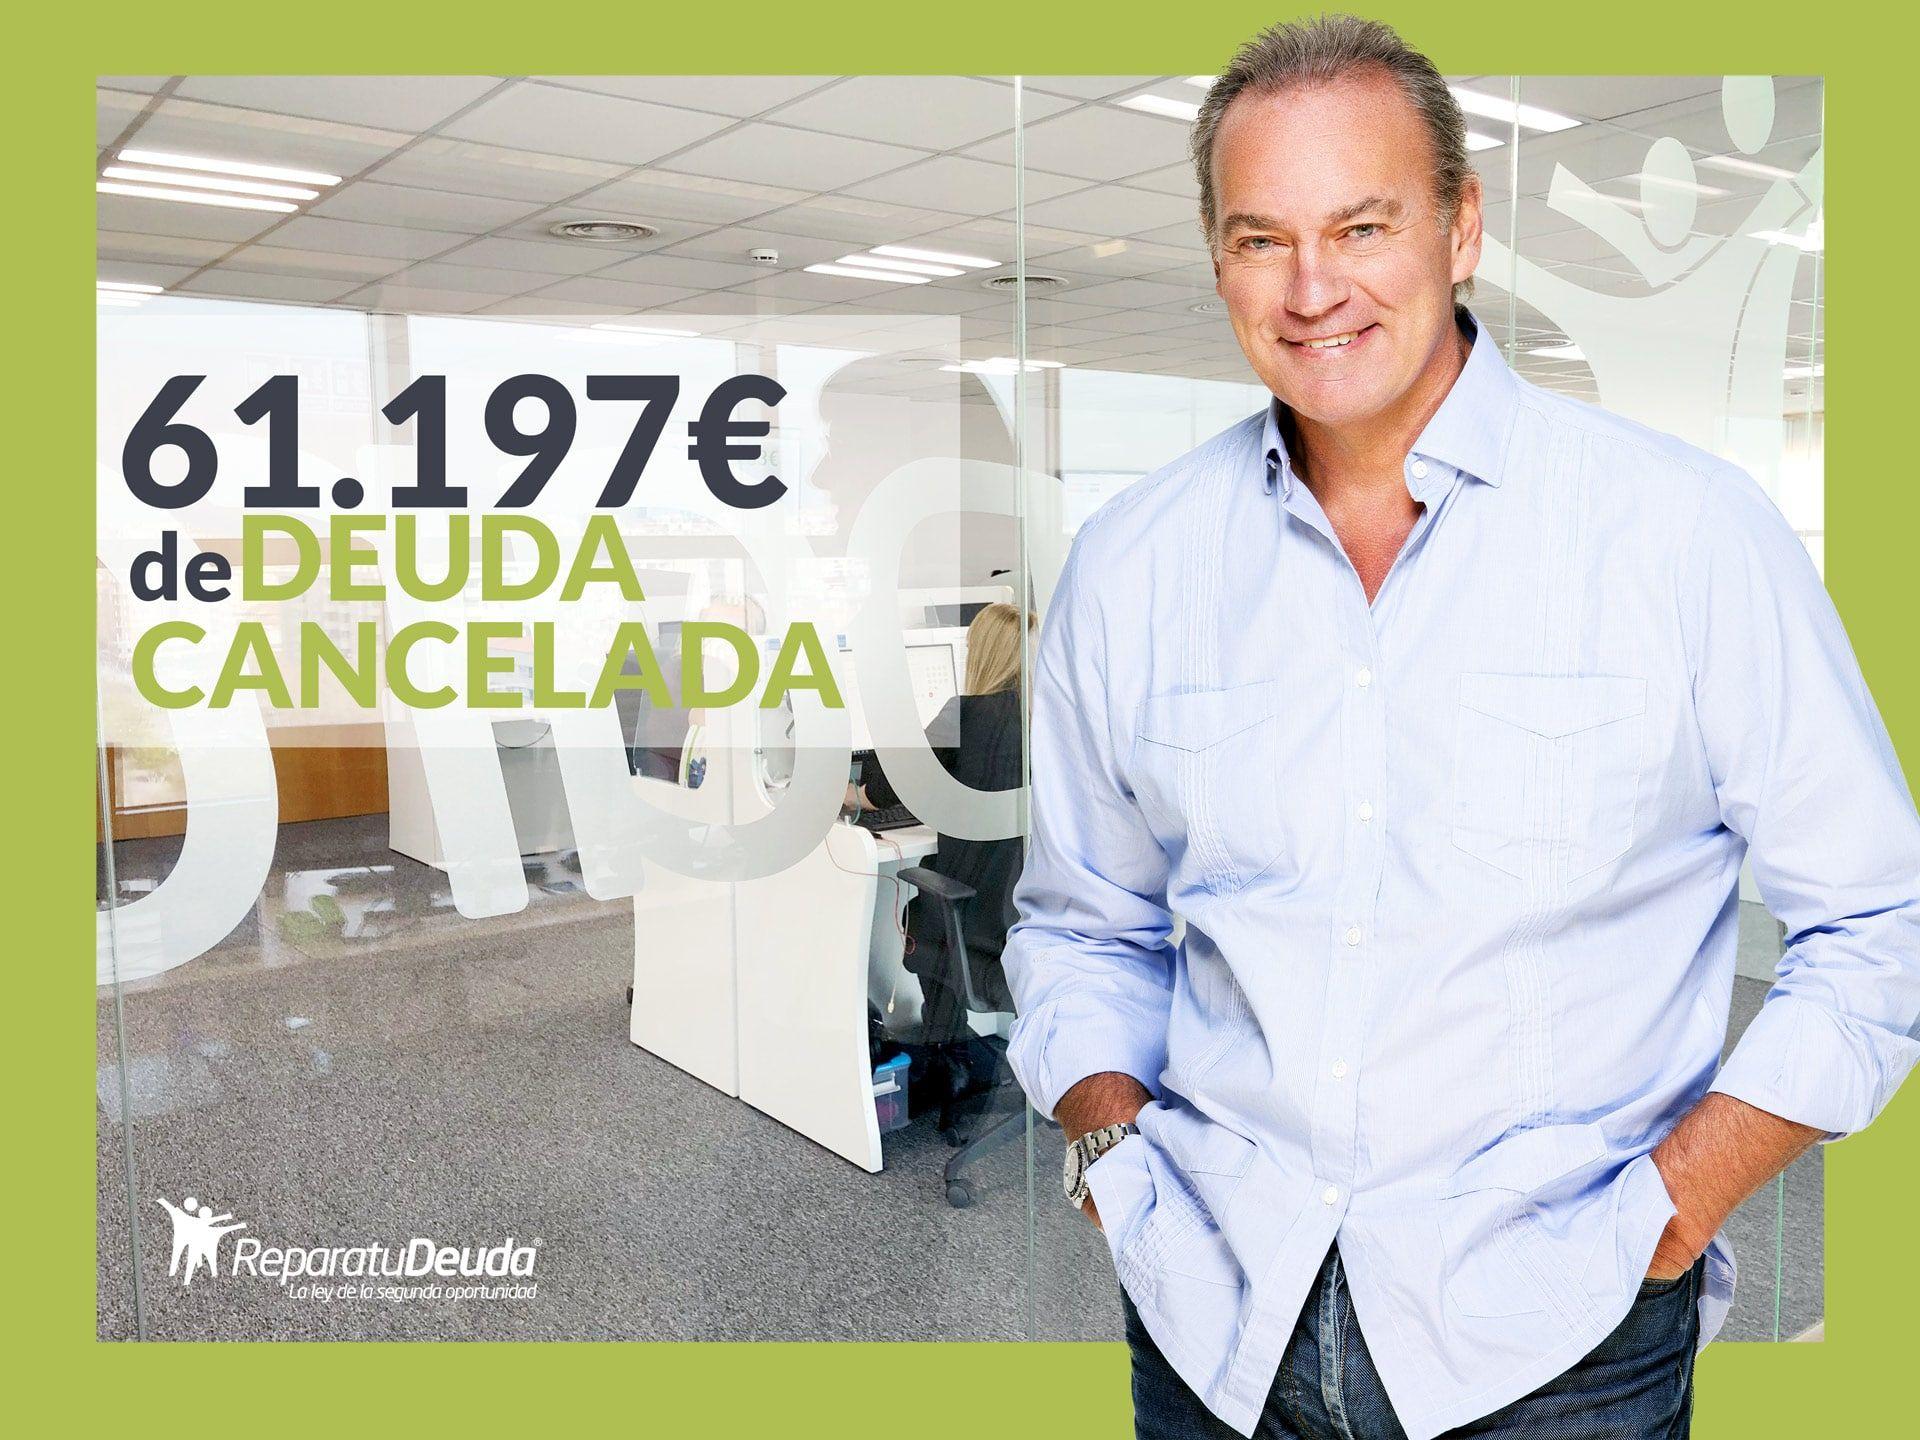 Repara tu Deuda Abogados cancela 61.197? en Barcelona con la Ley de la Segunda Oportunidad